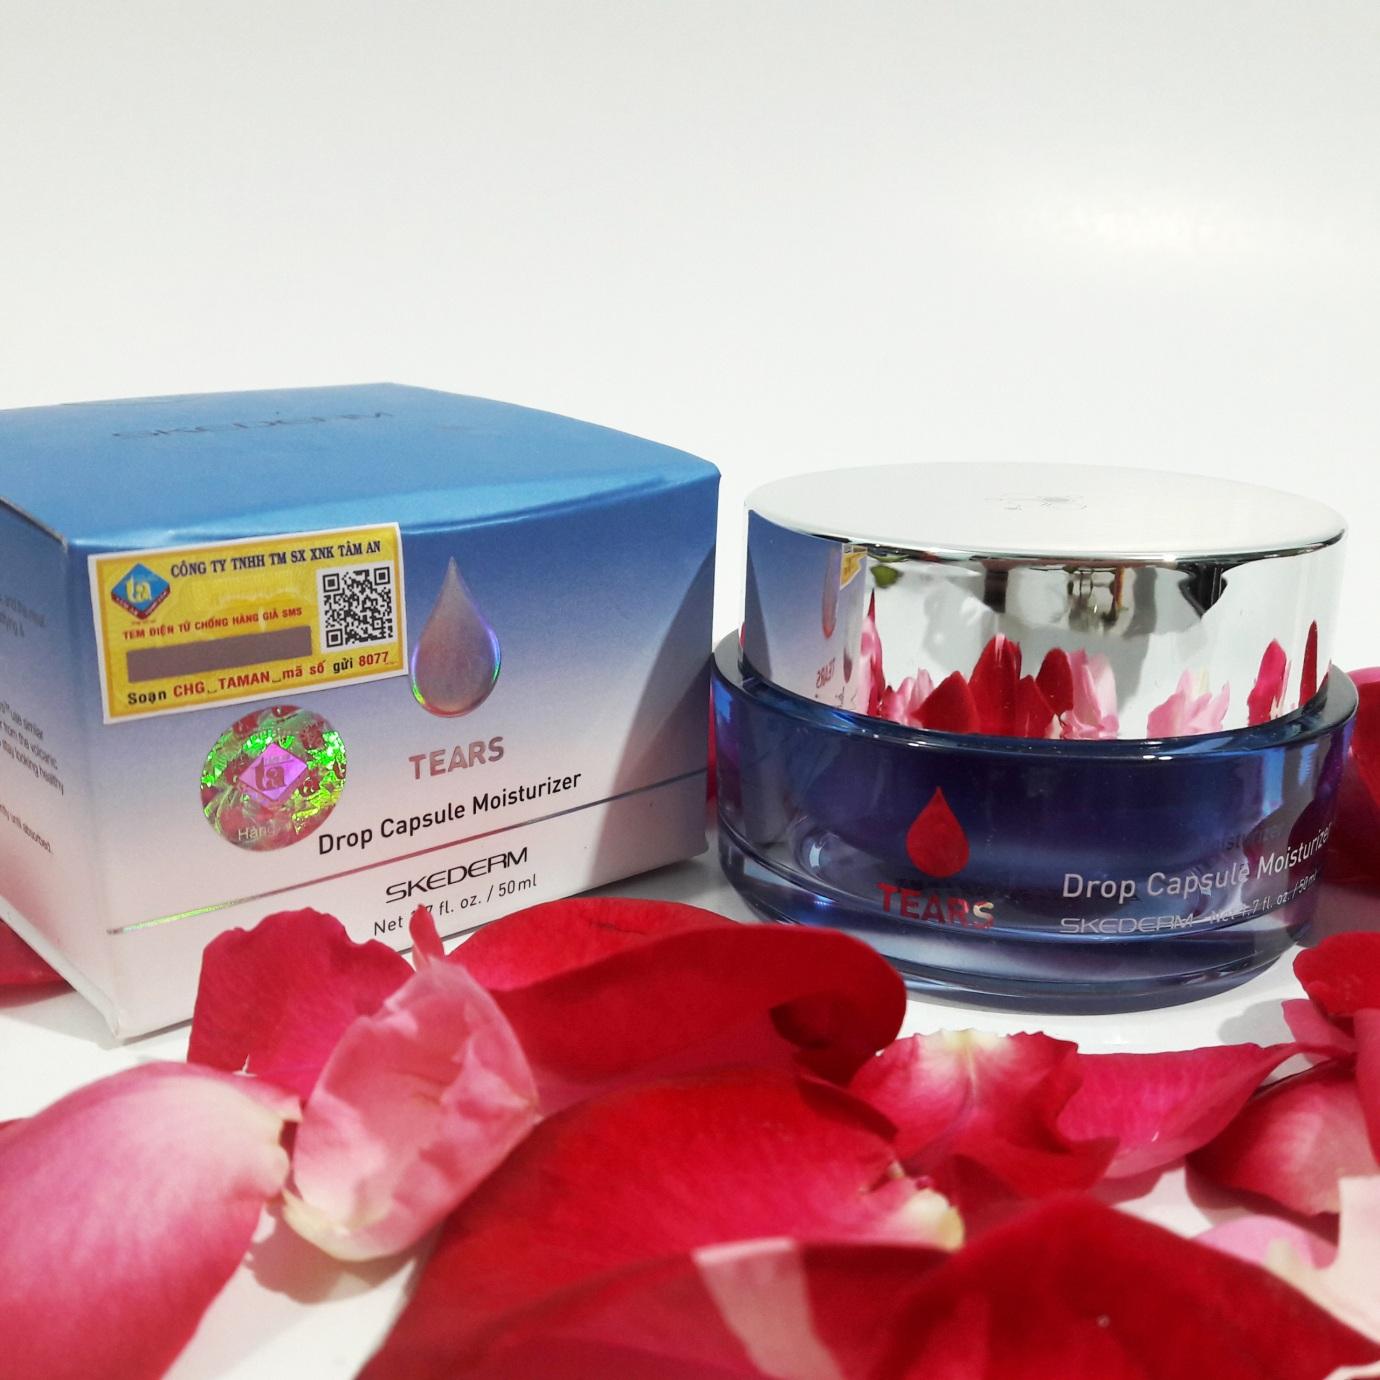 Khám phá nguồn nguyên liệu thiên nhiên của top 3 kem dưỡng hoa hồng đen sáng giá hiện nay - Ảnh 3.